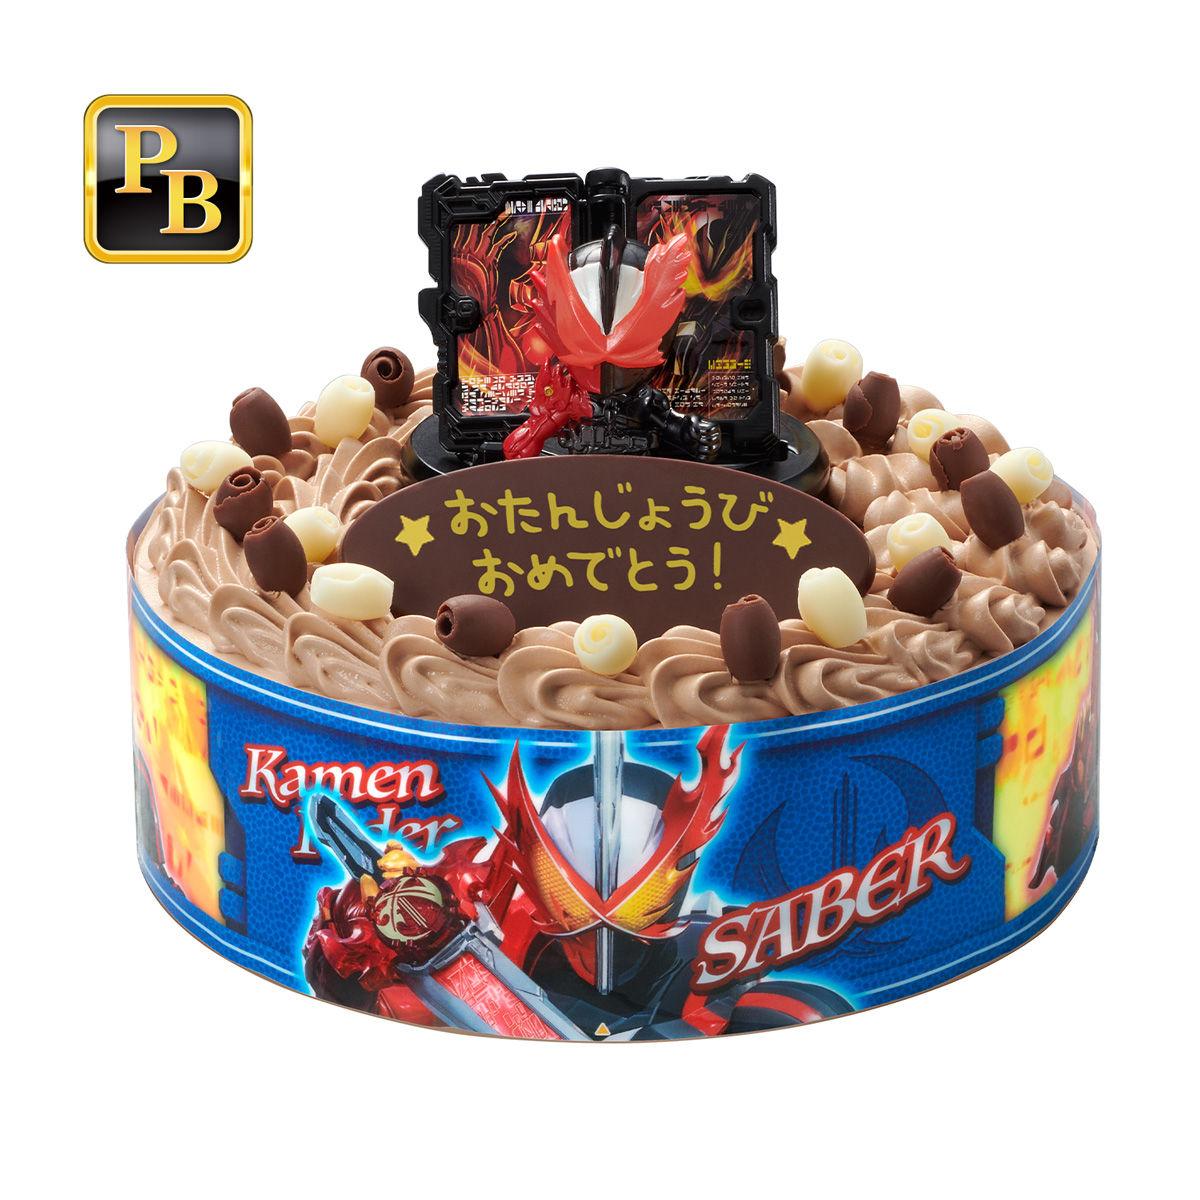 キャラデコお祝いケーキ 仮面ライダーセイバー(チョコクリーム)[5号サイズ]_0